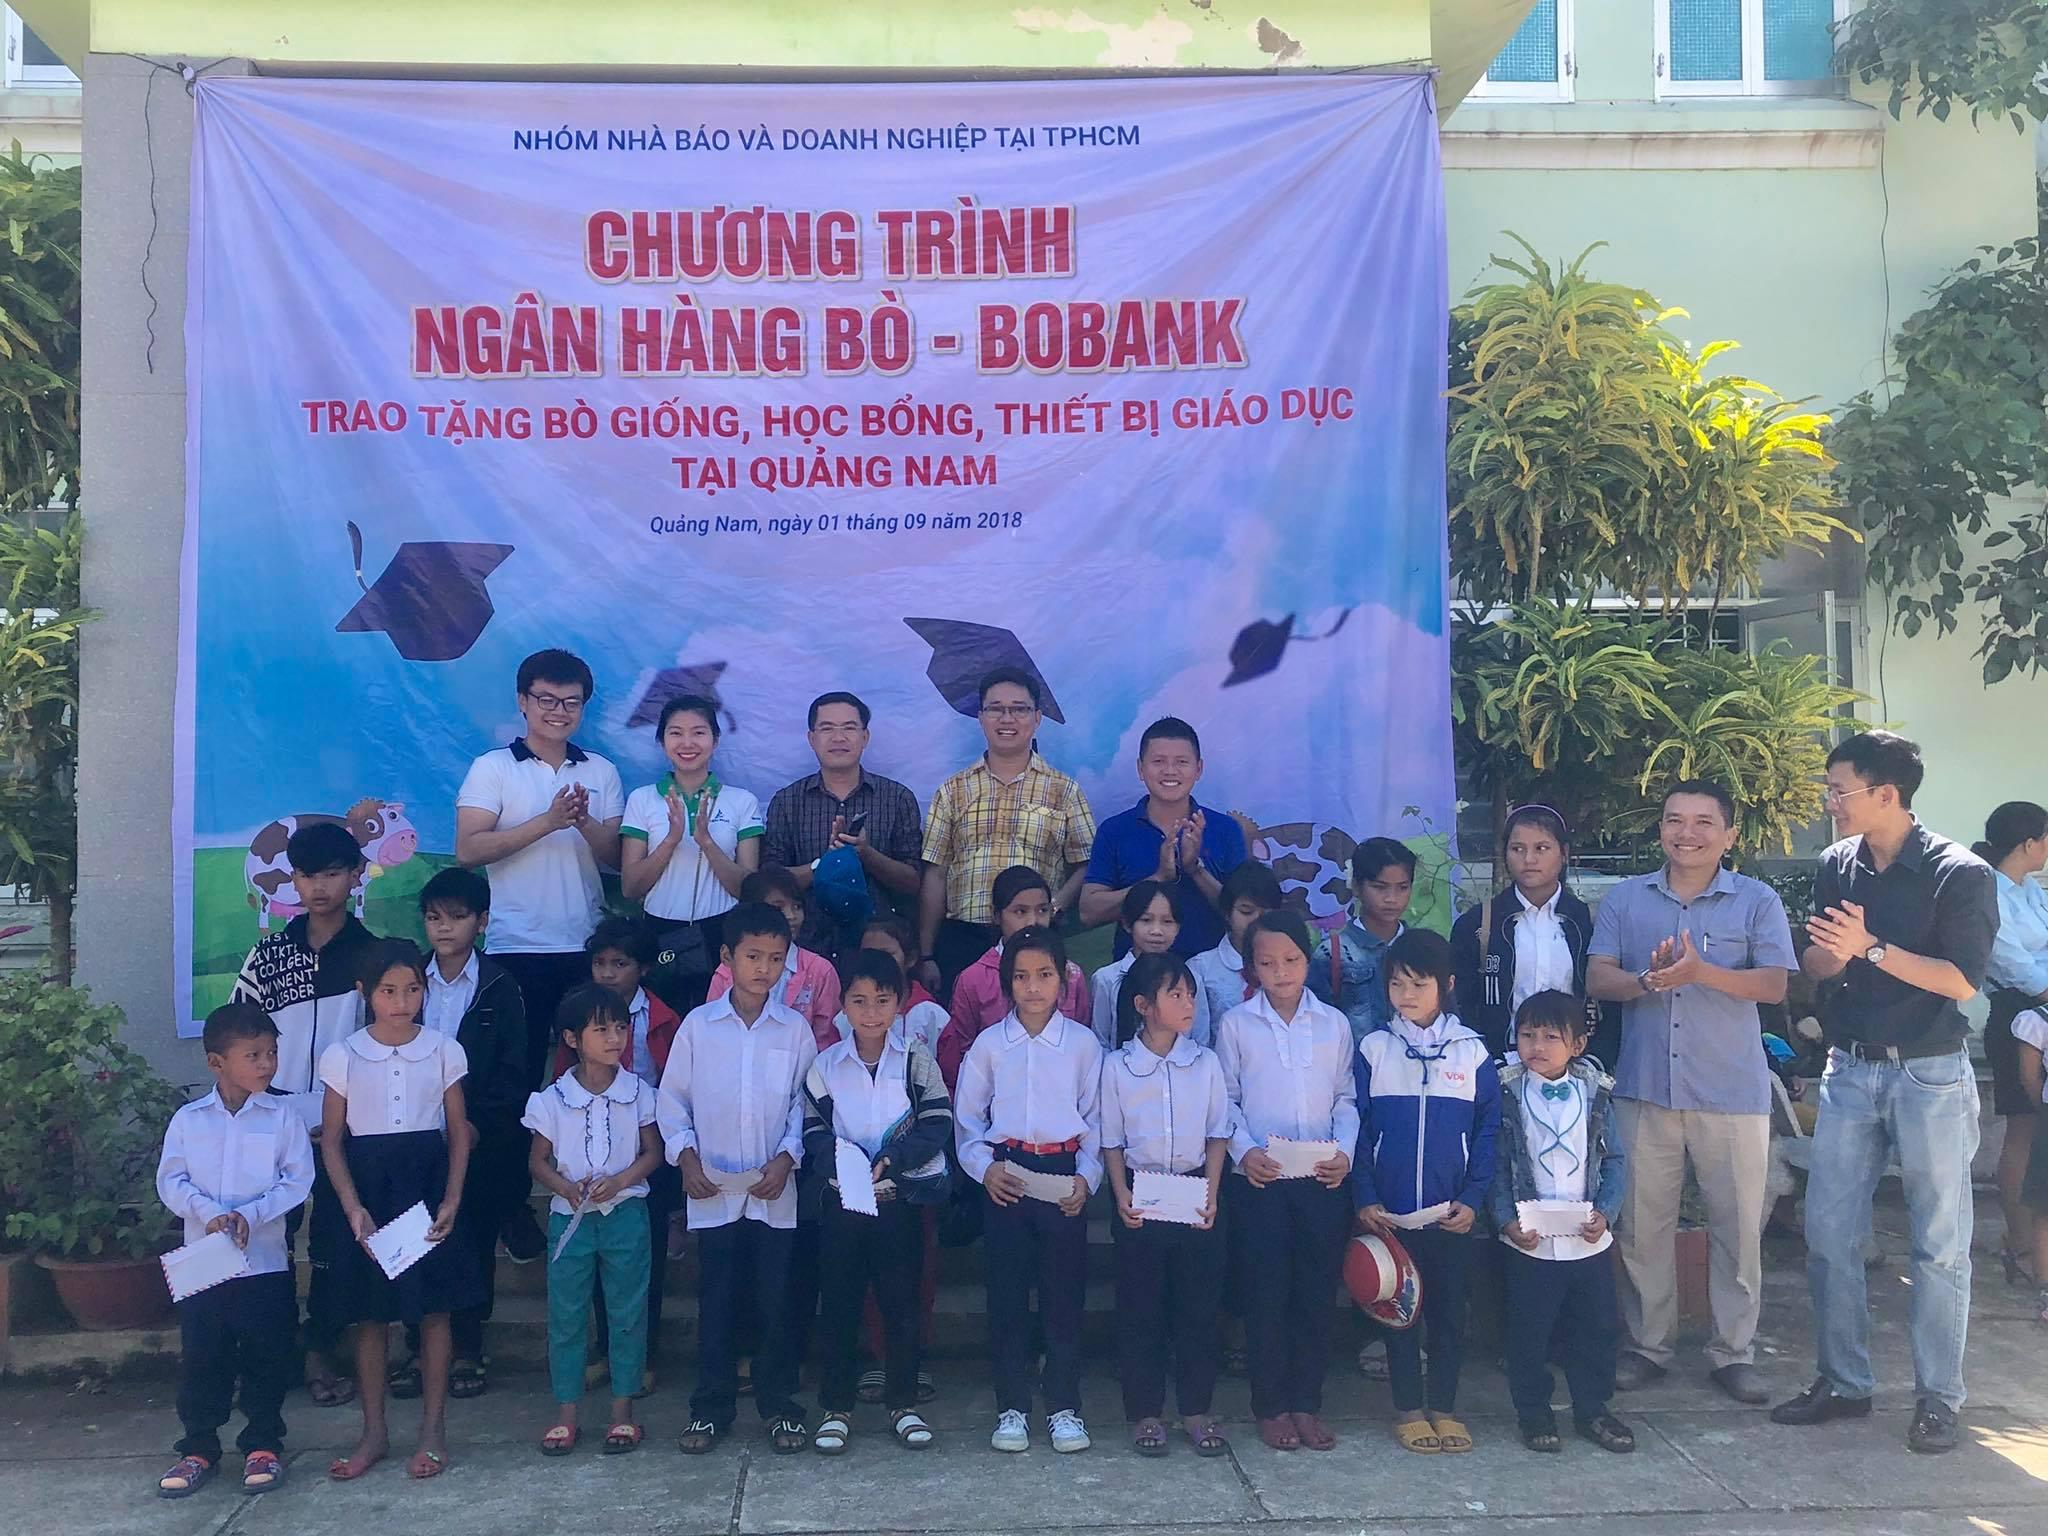 Chương trình Ngân hàng bò – BoBank trao tặng đợt 1